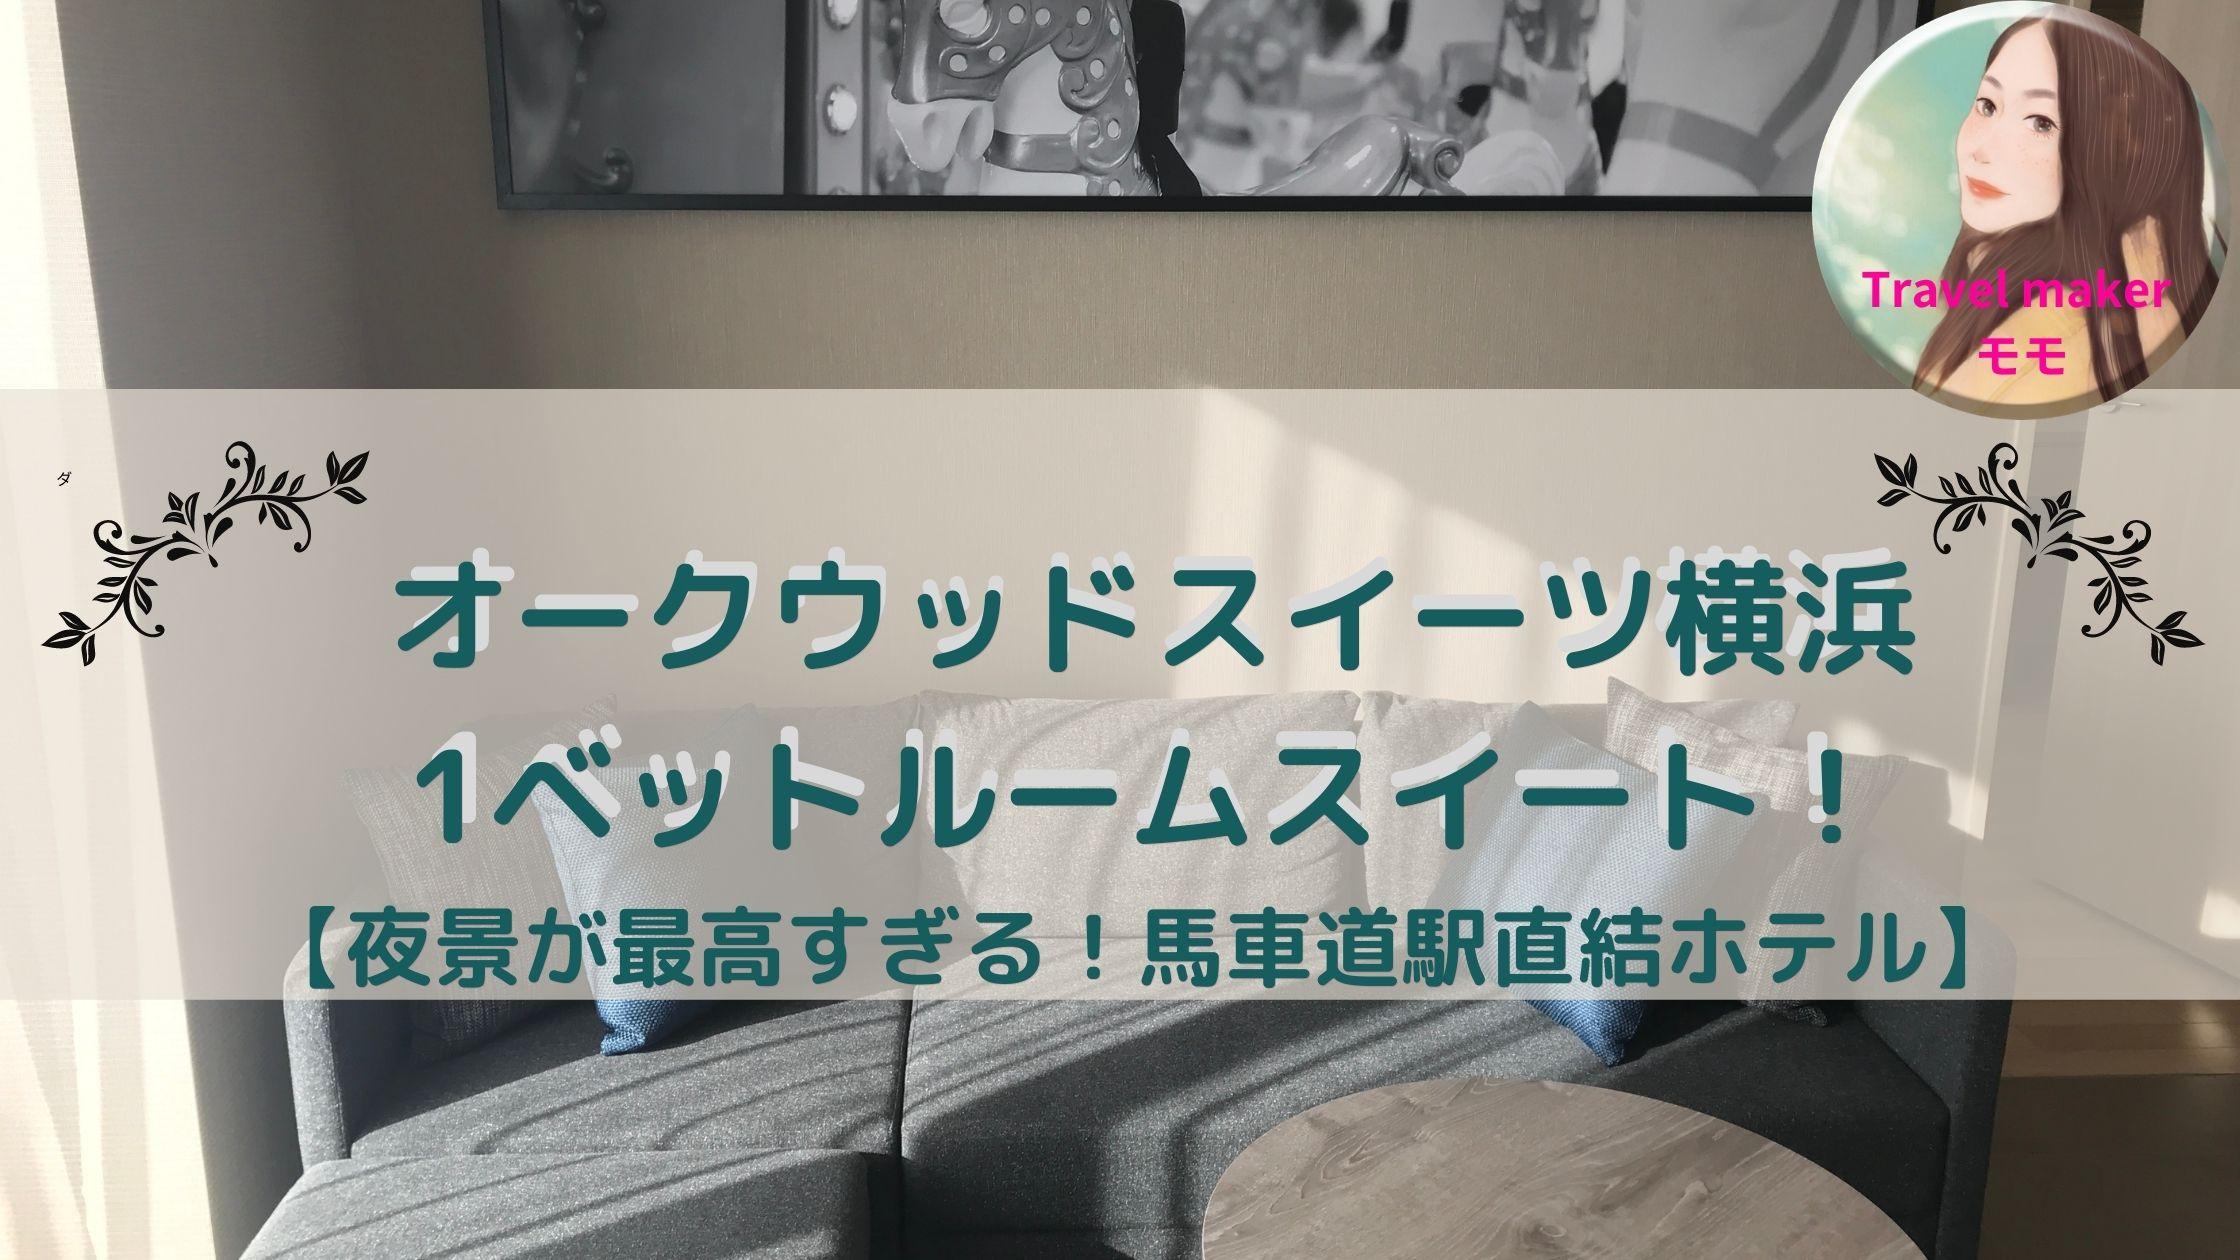 オークウッドスイーツ横浜 部屋 ブログ スイート